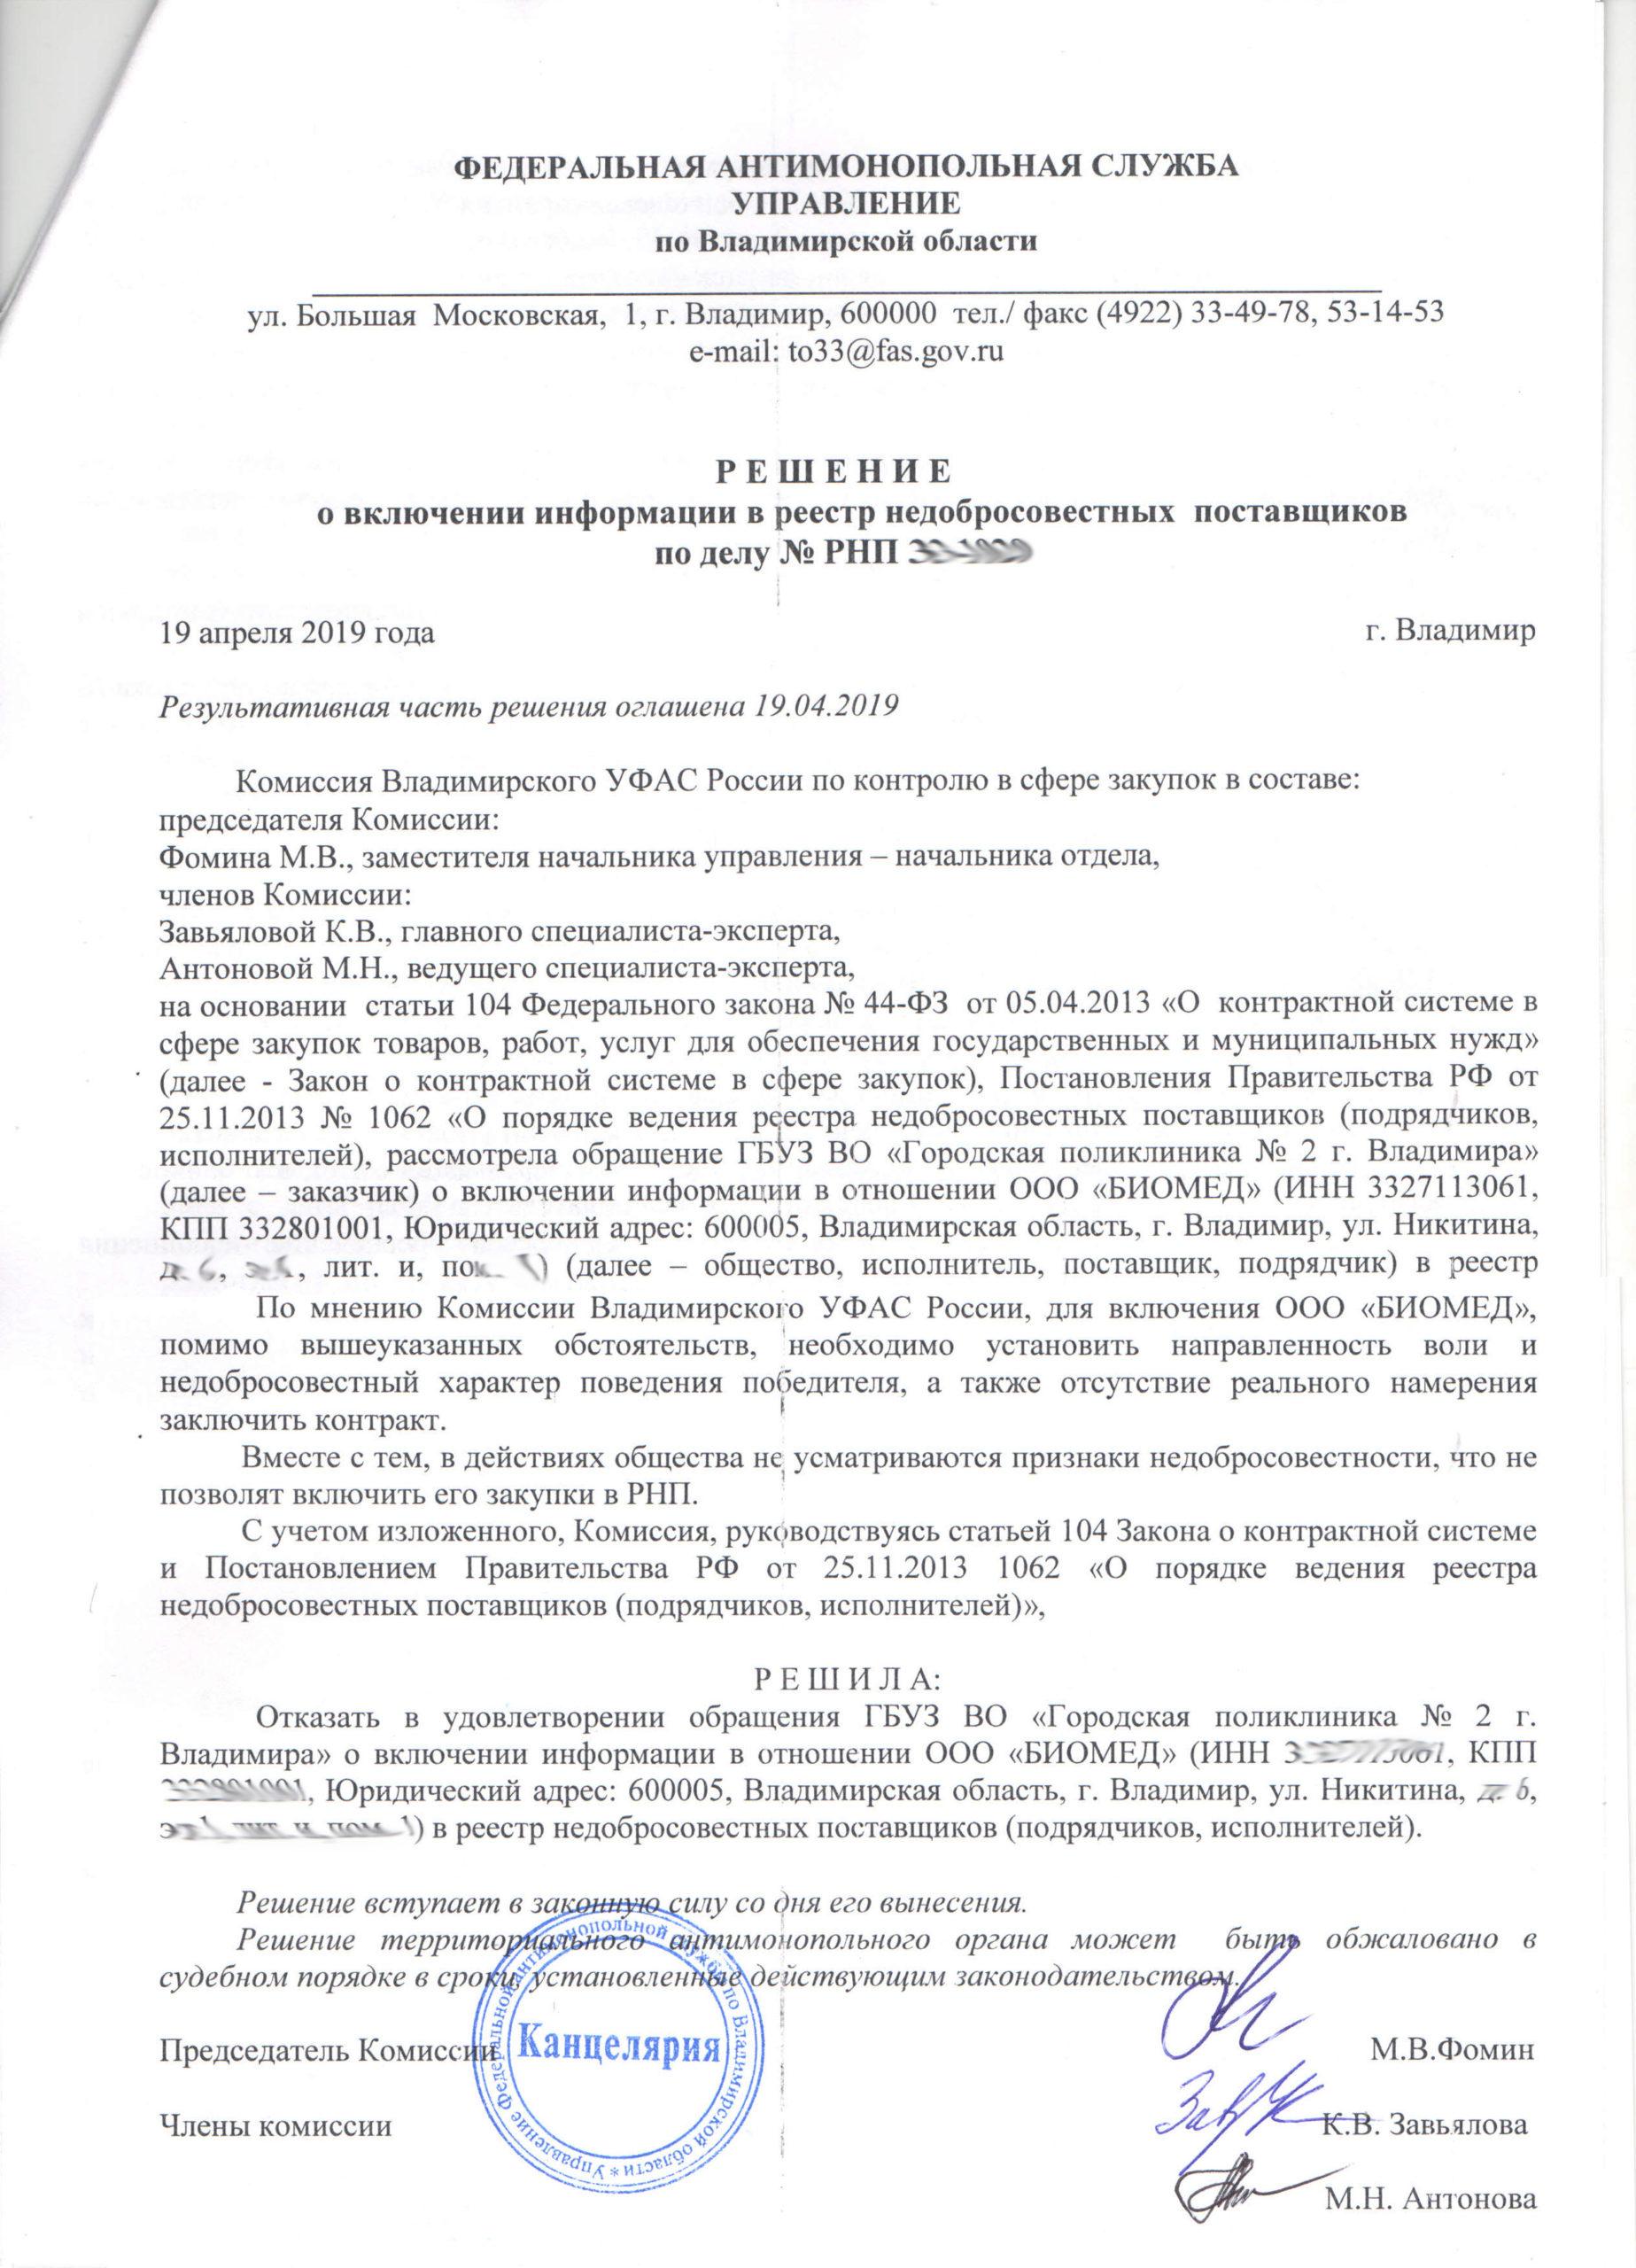 Владимирский УФАС Биомед РЕШЕНИЕ 042017-2